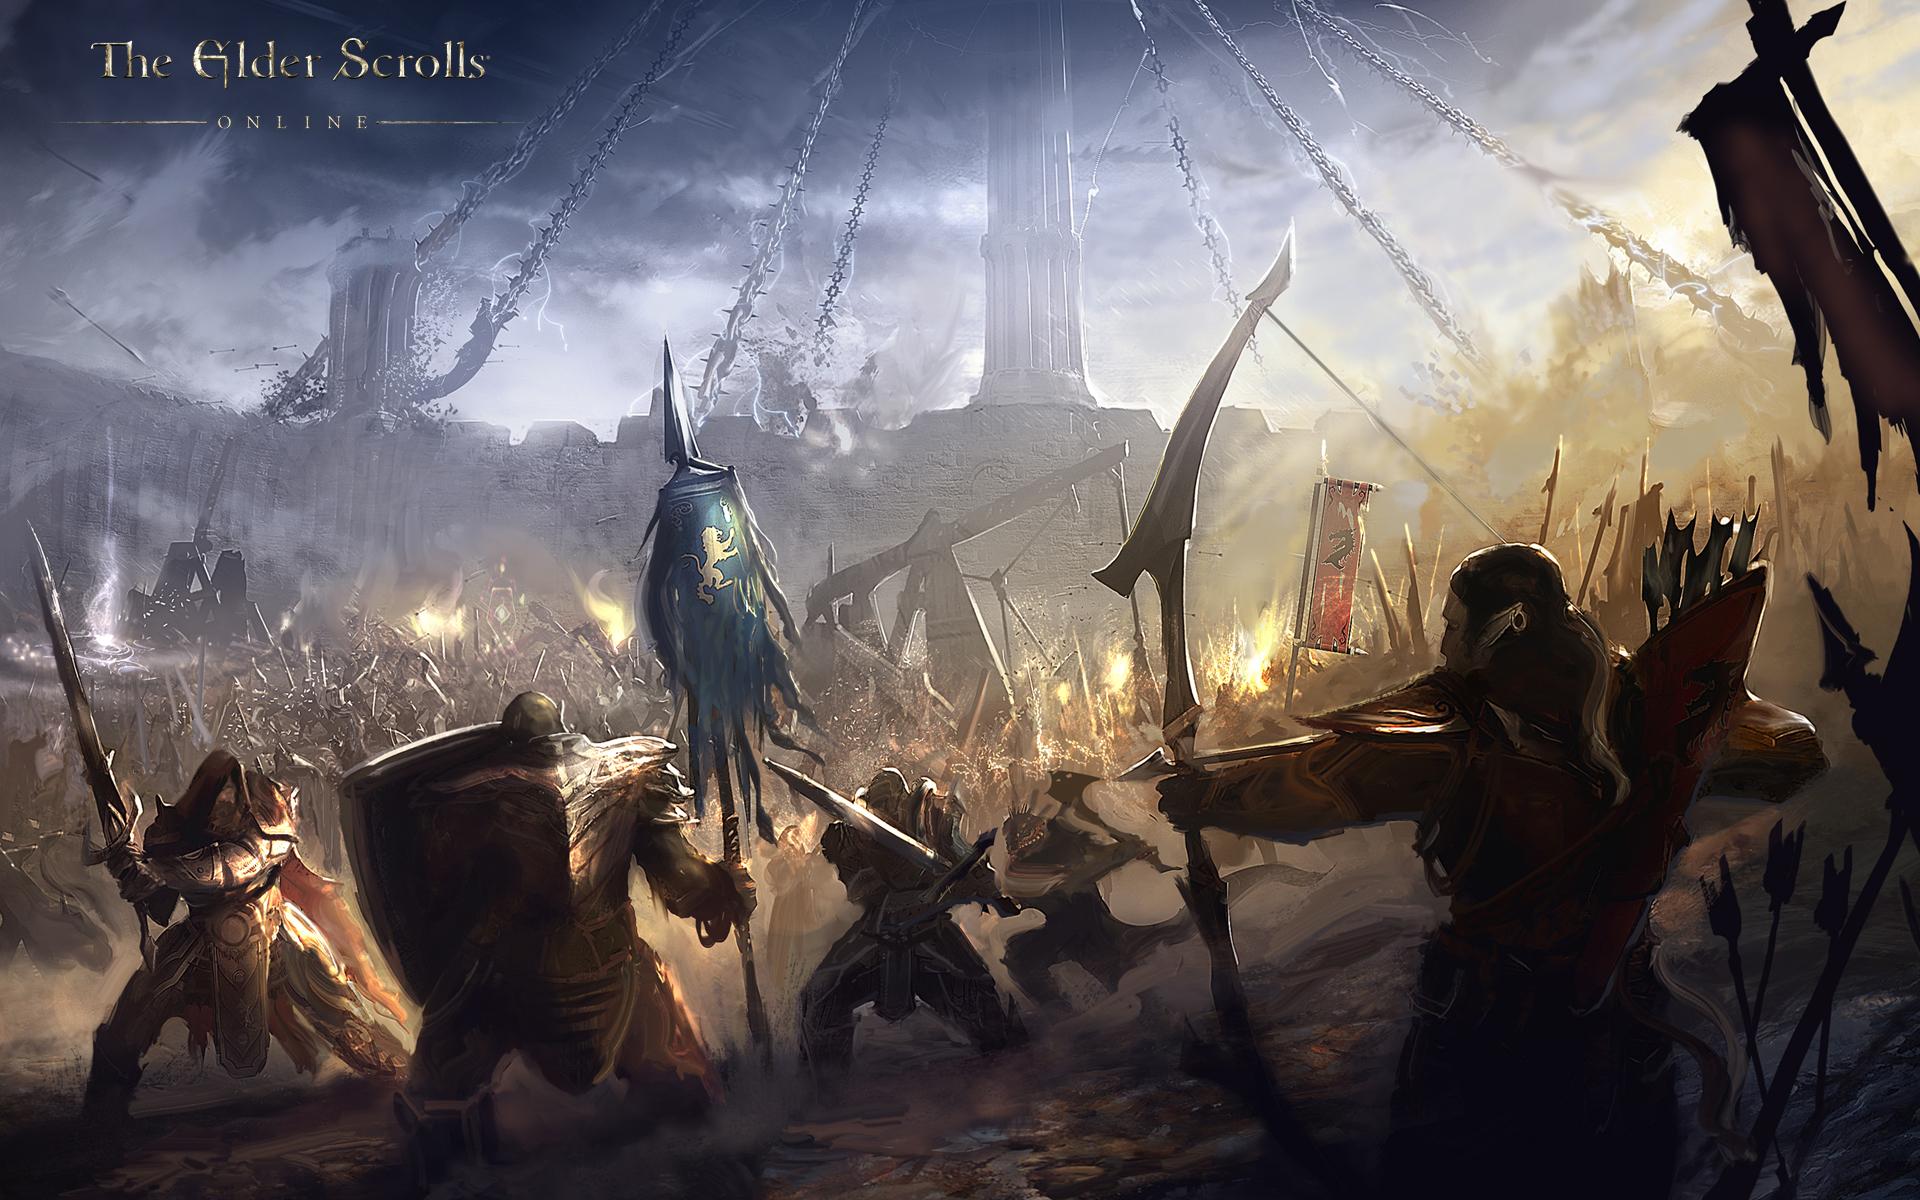 The Elder Scrolls Online: Neue Wallpaper zum Online Spiel.